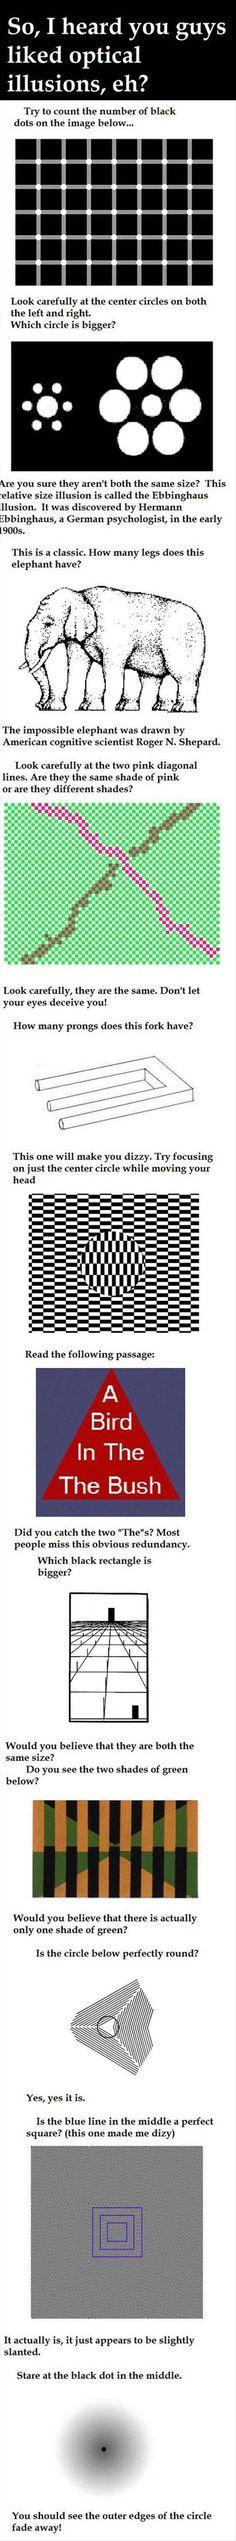 so I hear you like optical illusions....These are fun.